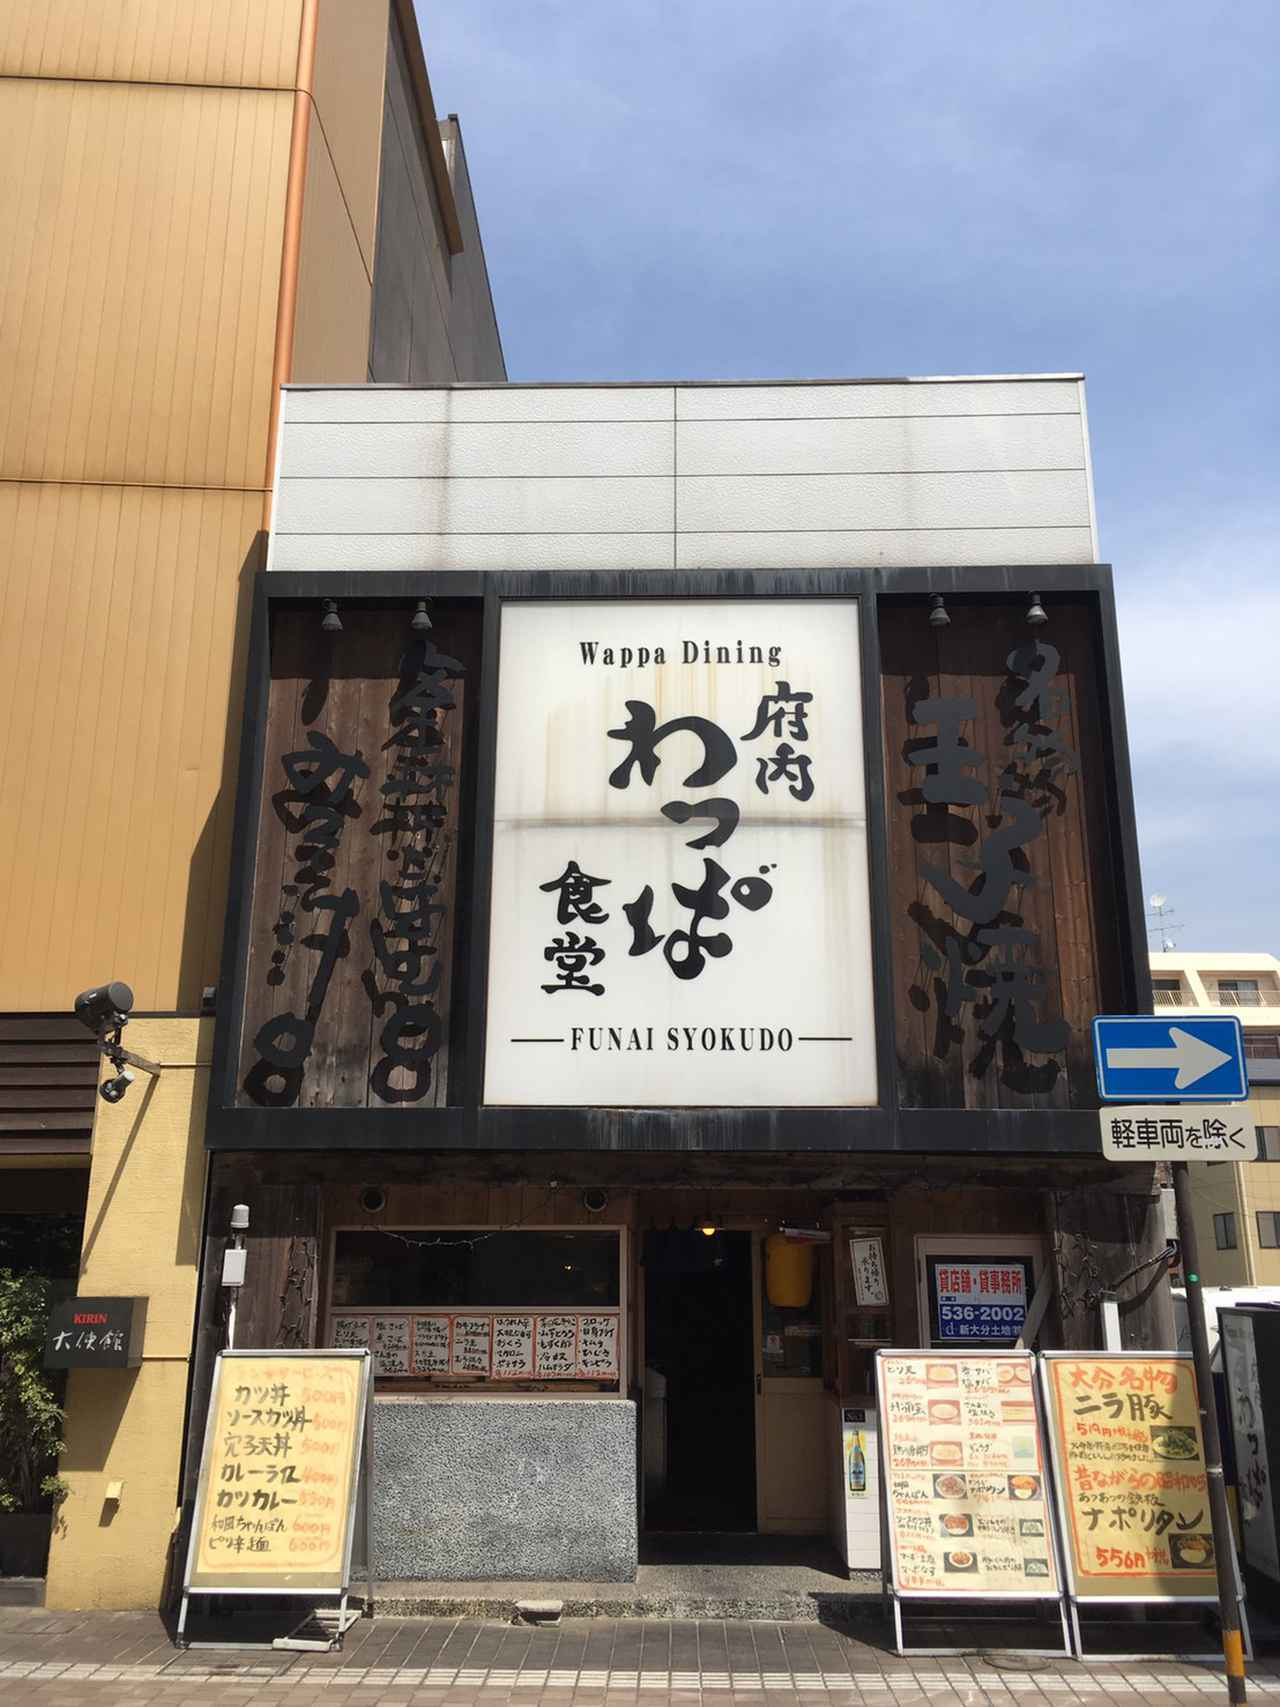 画像12: 福山理子の大分ツーリング〈番外編〉バイクに乗っていない時間も旅先を楽しむ。それが、あたし流!